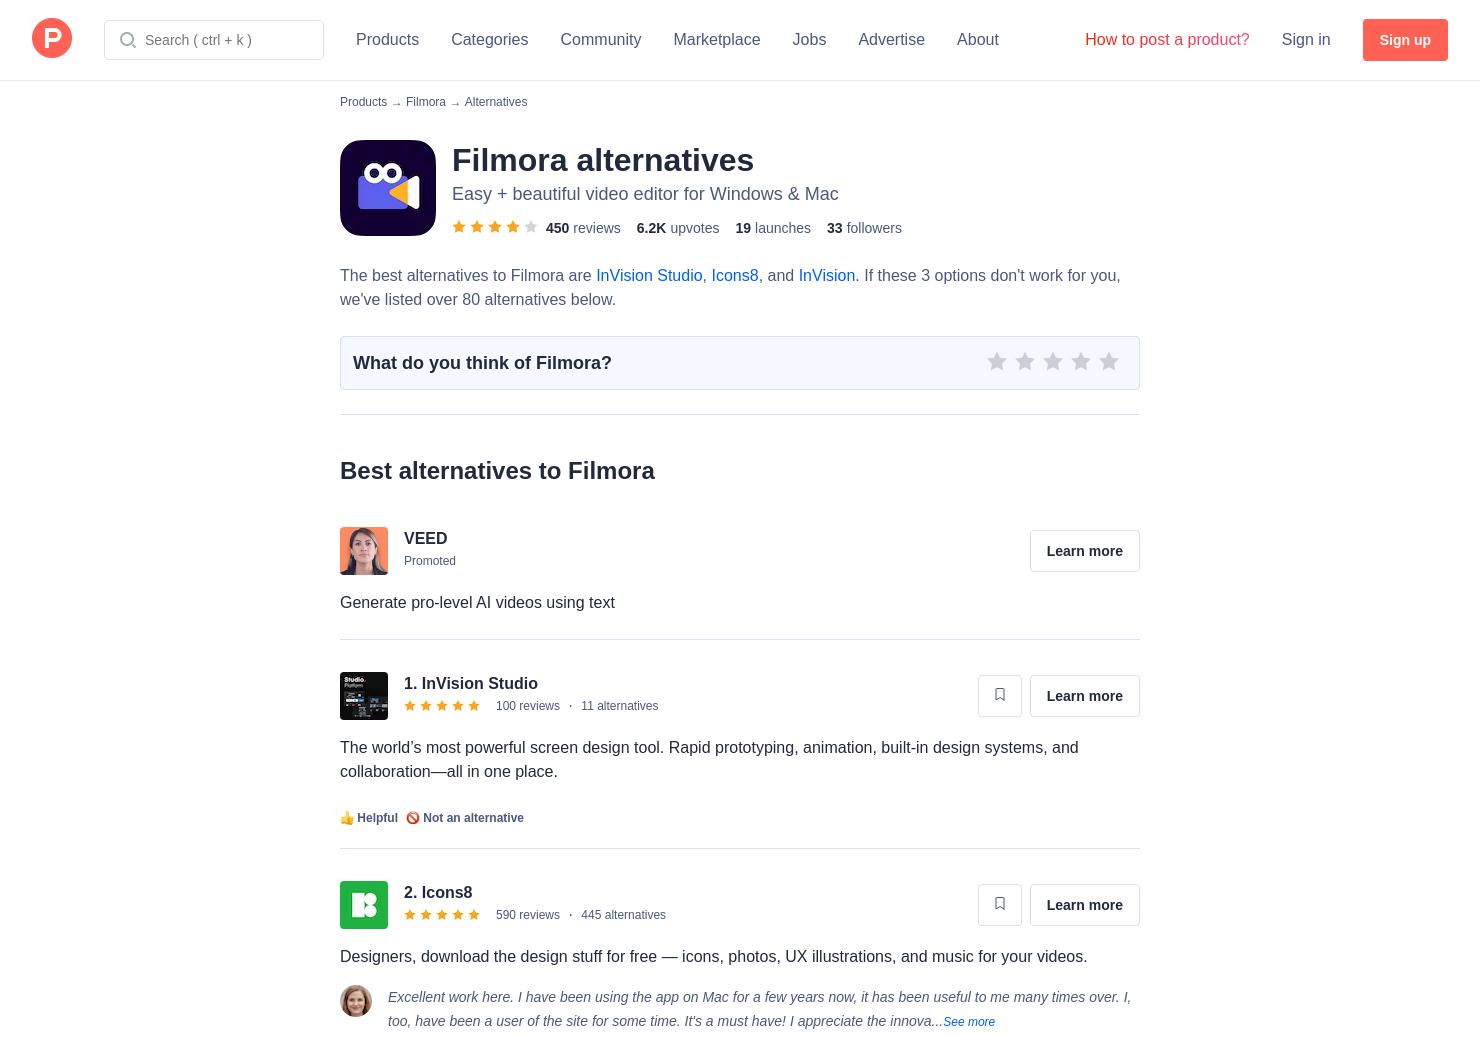 Filmora app store | Buy Video Editor 8 1 - 2019-02-04